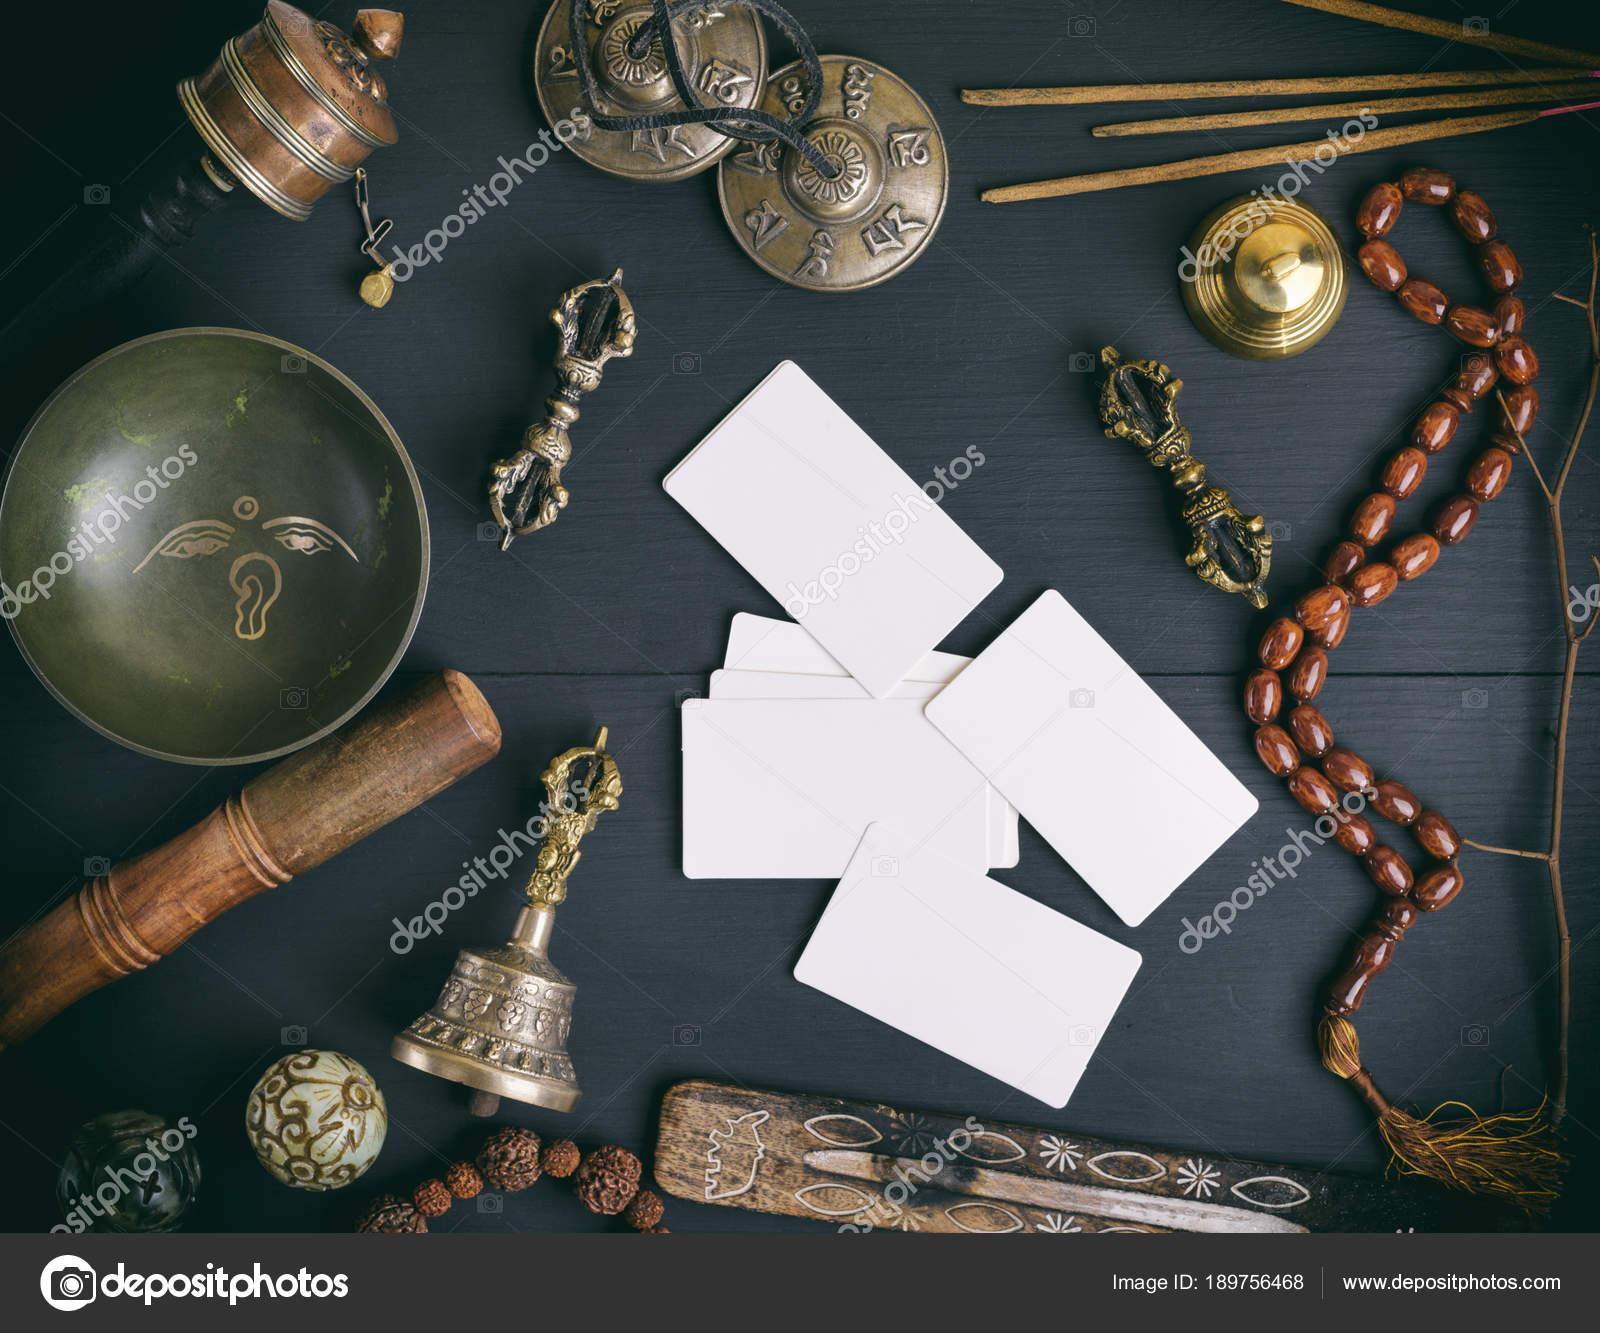 Cartes De Visite Blanches Vides Au Milieu Des Objets Religieux Asiatiques Mdecine Alternative Et Mditation Sur Un Fond En Bois Noir Vue Dessus